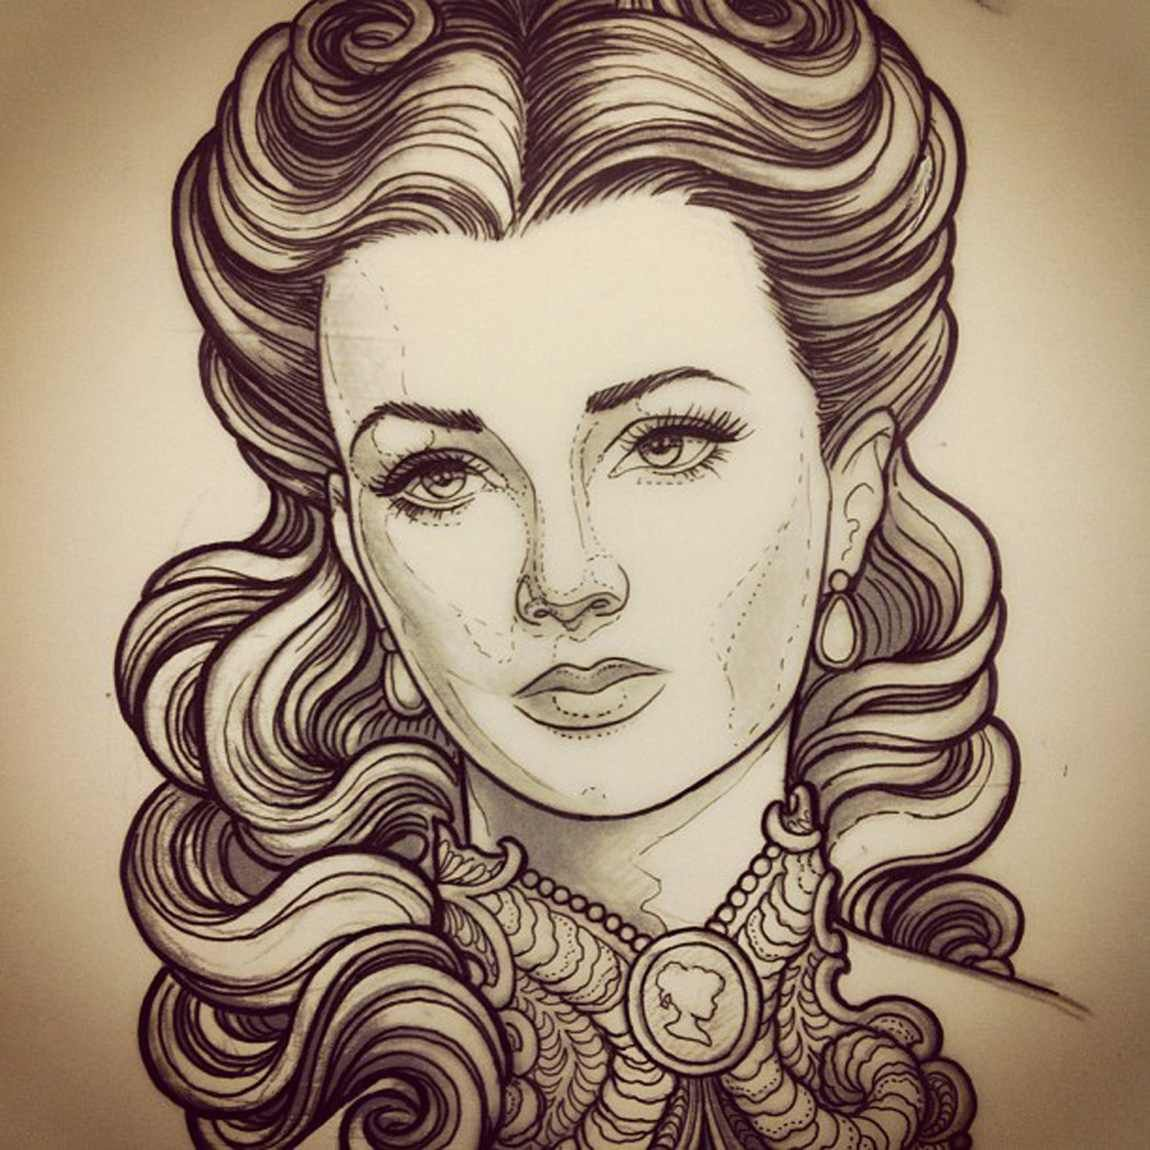 Pin by martin voss on Tattoos Portrait tattoo